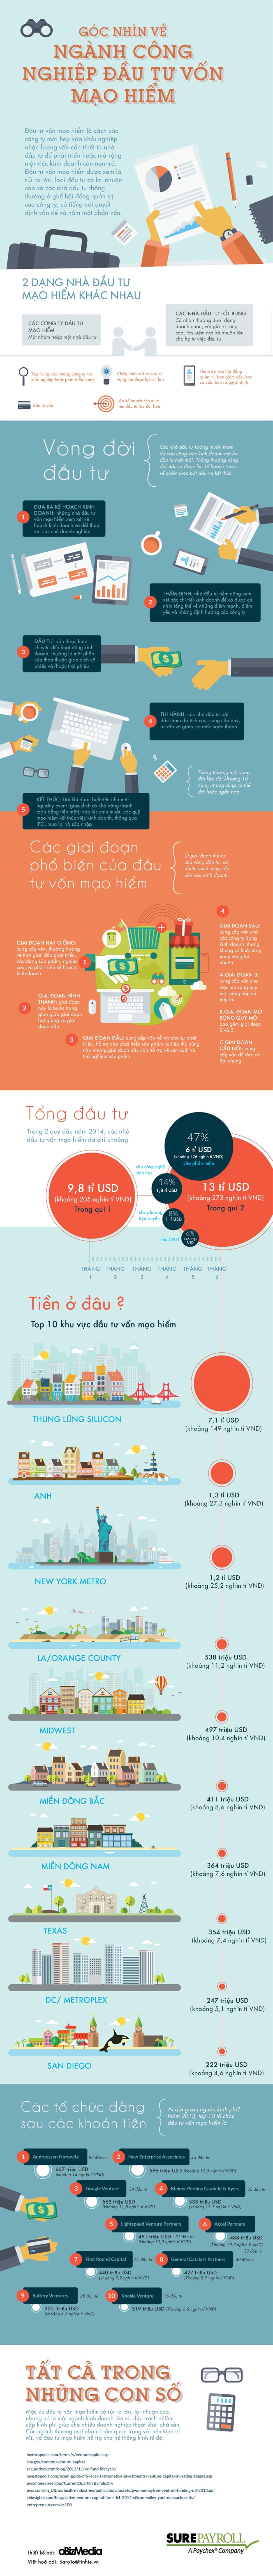 [Infographic] Góc nhìn về ngành công nghiệp đầu tư vốn mạo hiểm